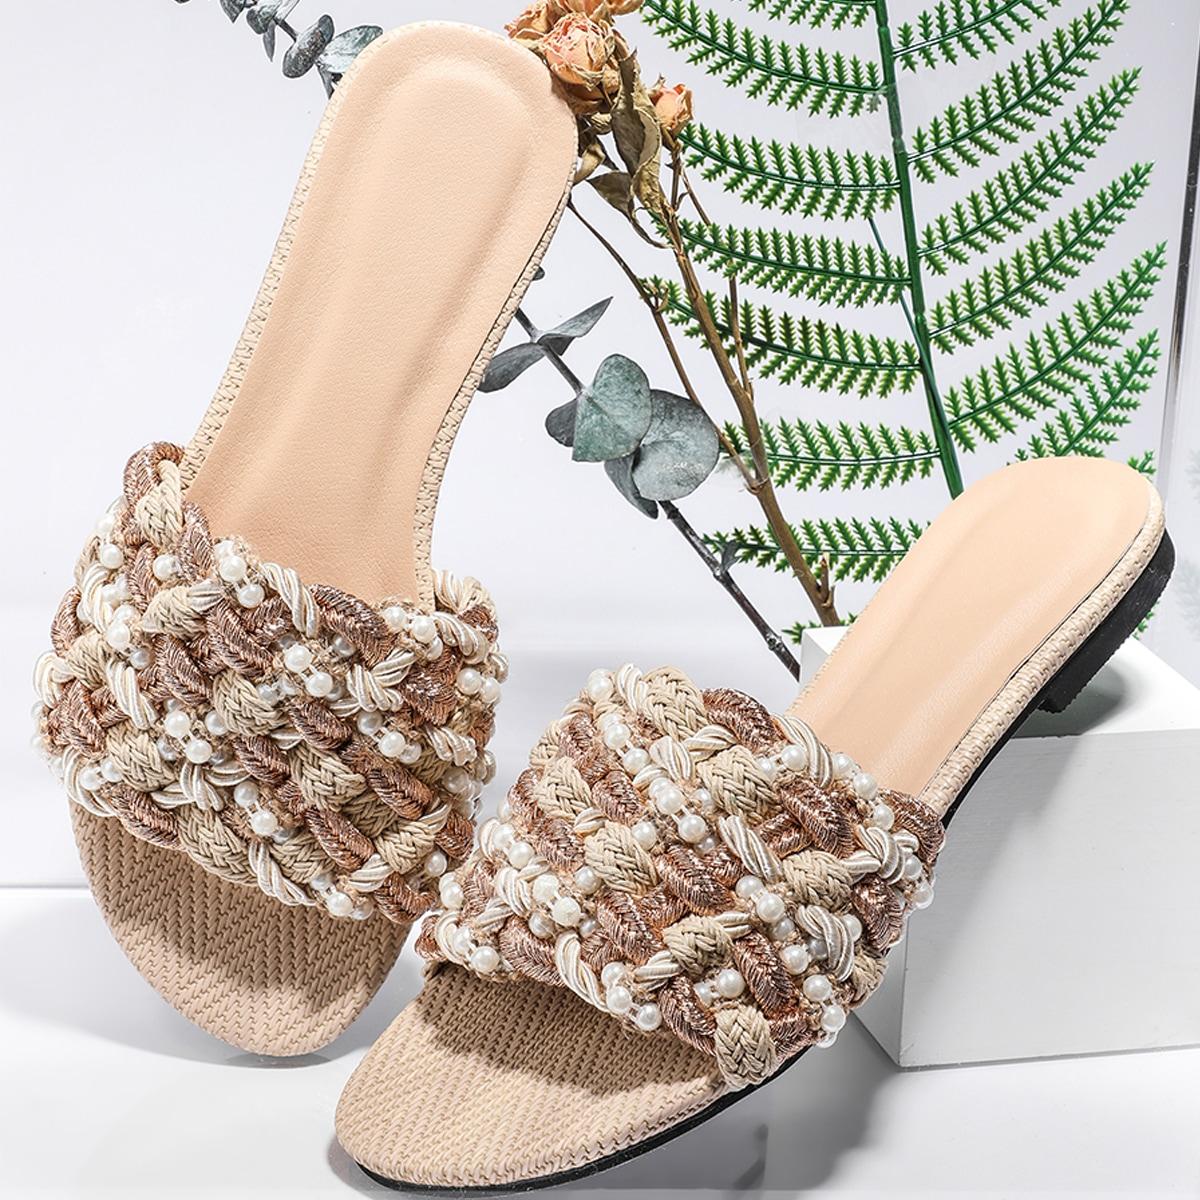 Плетеные сандалии с искусственными жемчугами